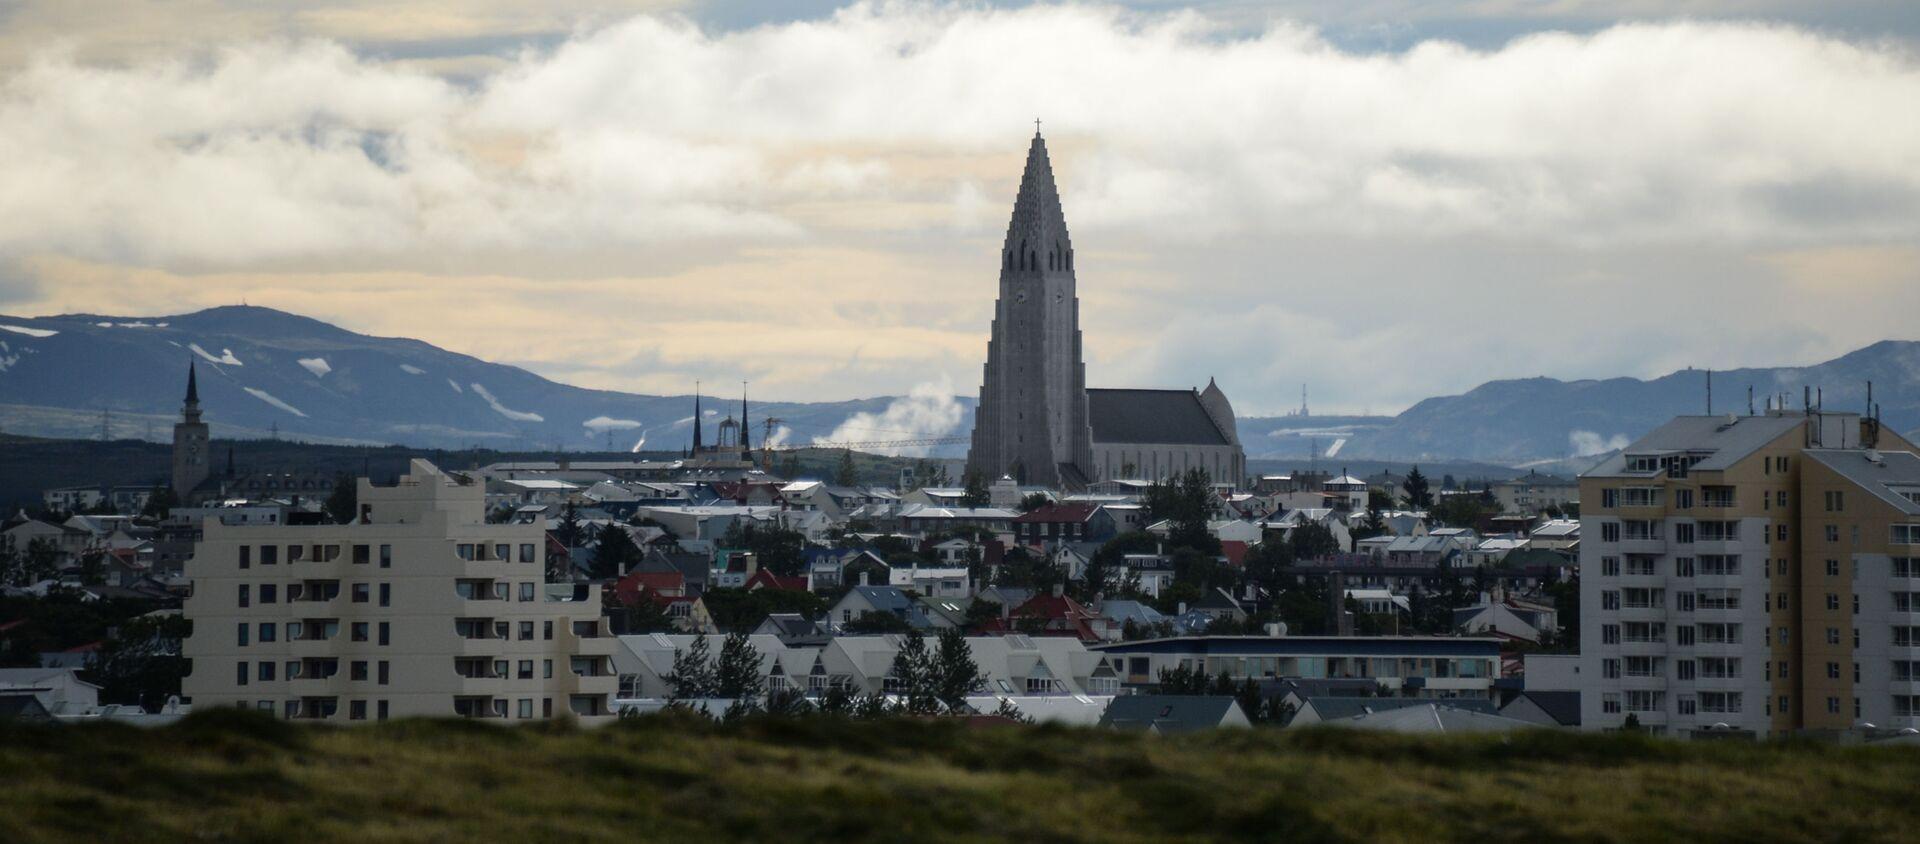 アイスランドで大気から二酸化炭素を抽出する世界最大の工場が開設 - Sputnik 日本, 1920, 09.09.2021